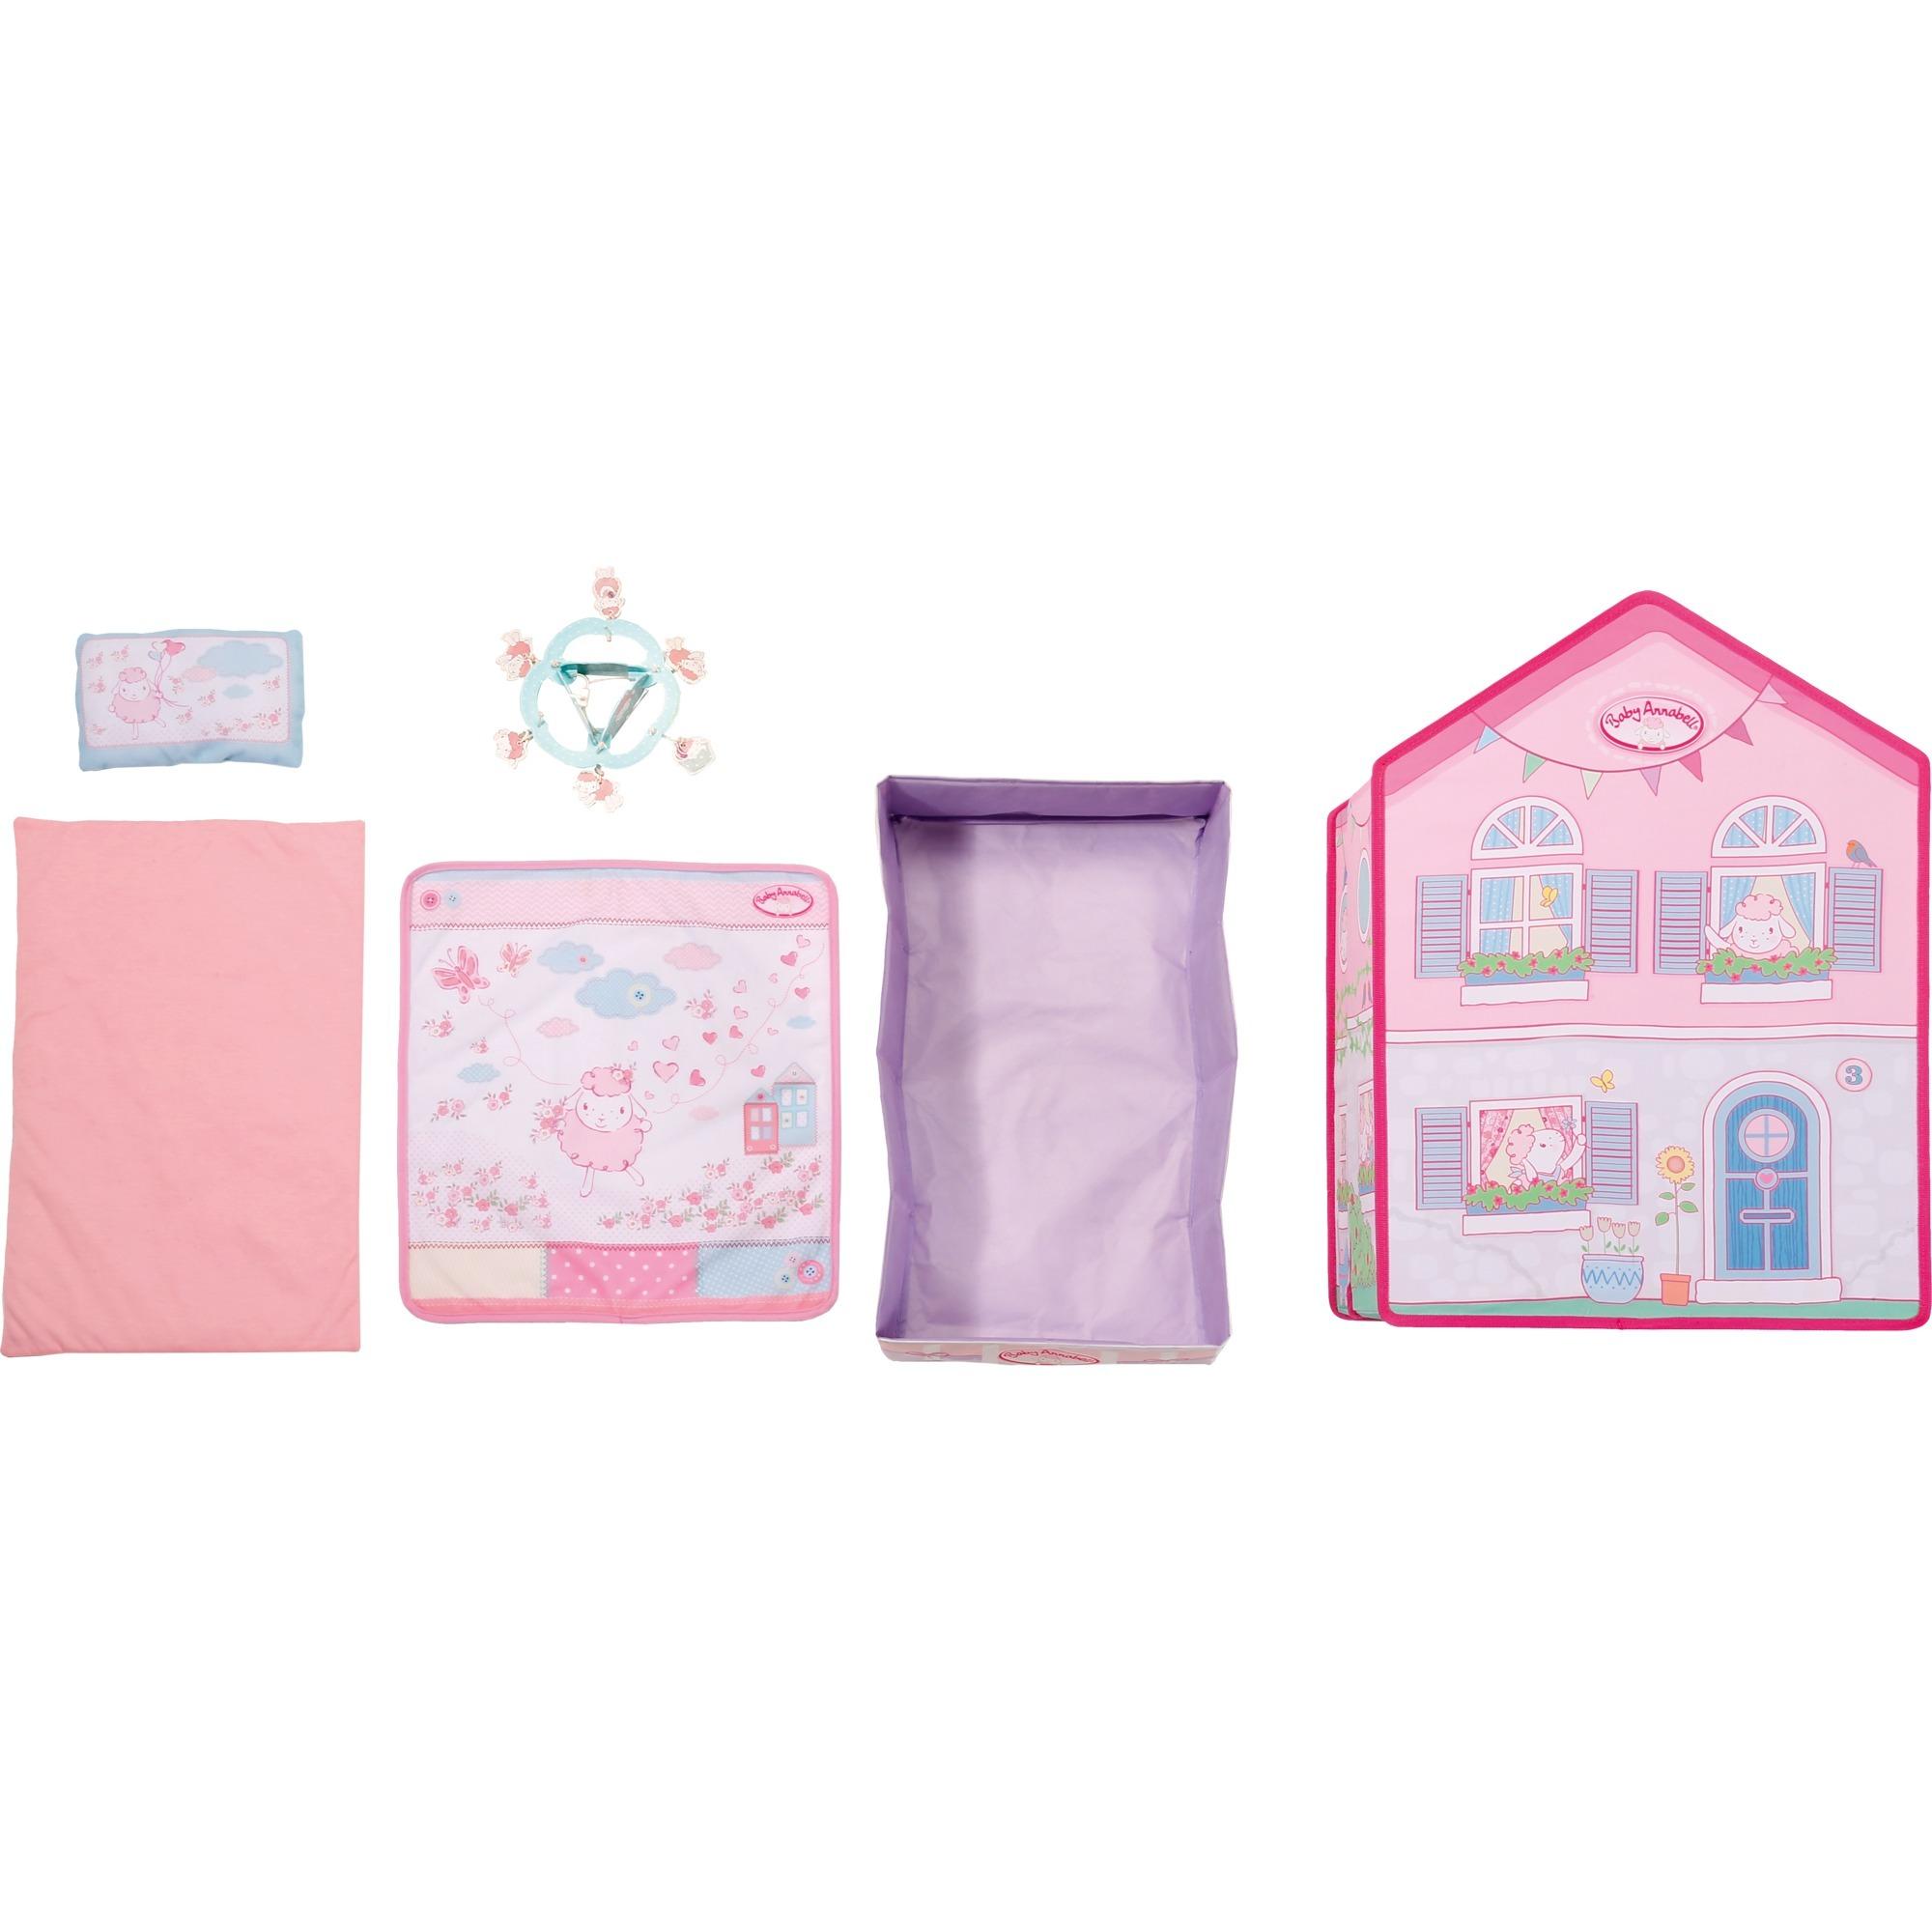 Zapf creation zapf 4001167794425 schlafzimmer mehrfarbig for Baby annabell schlafzimmer